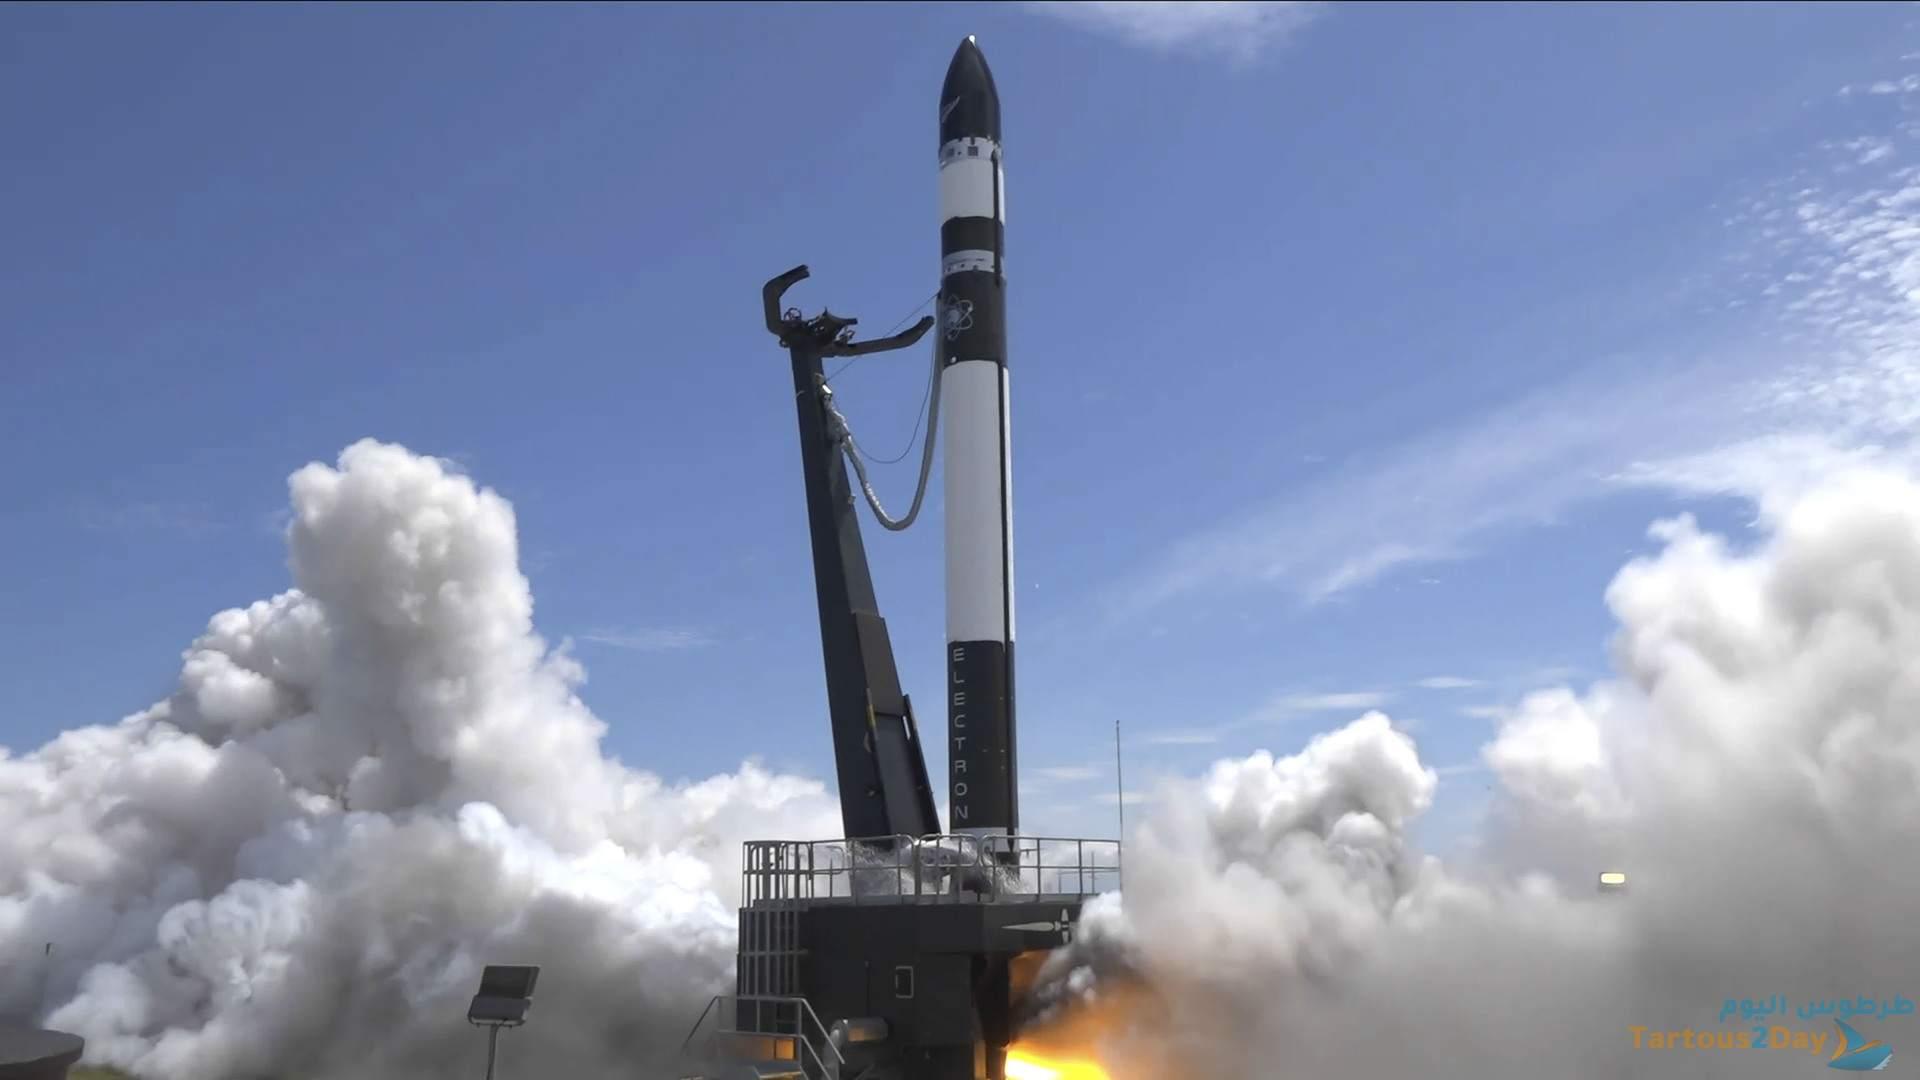 شركة Rocket Lab الأمريكية فقدت السيطرة على احد صورايخها